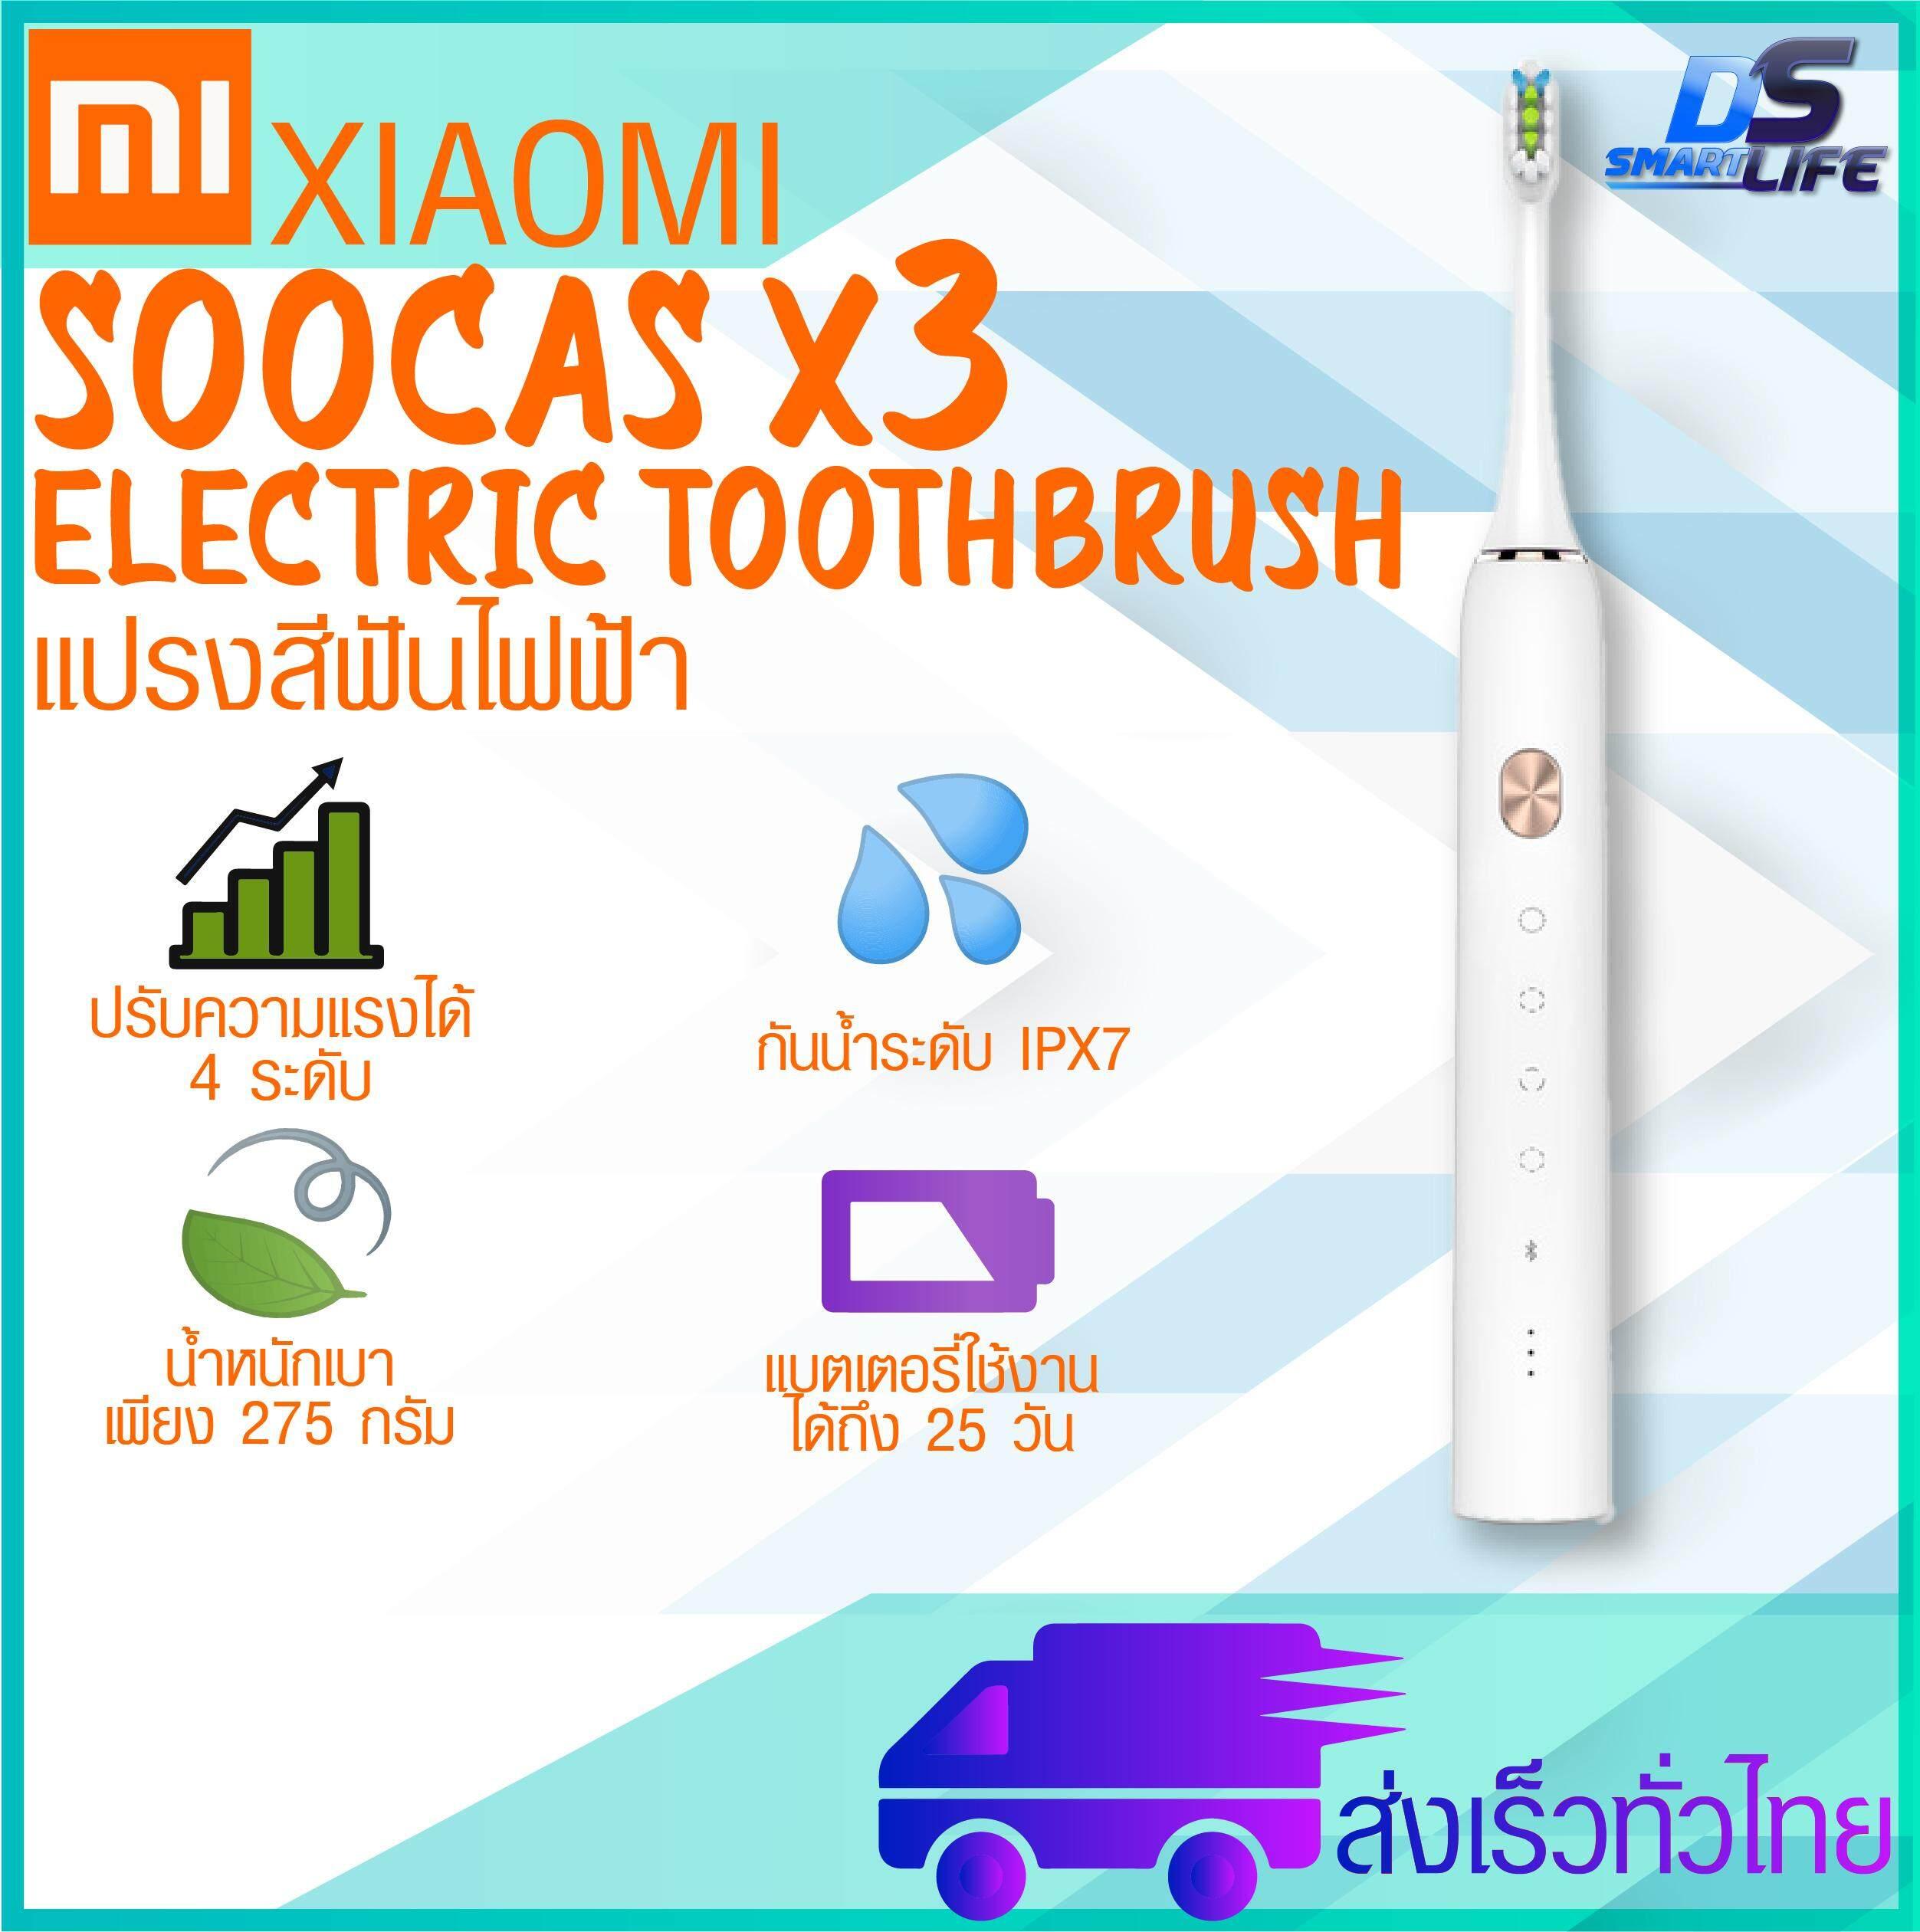 แปรงสีฟันไฟฟ้า รอยยิ้มขาวสดใสใน 1 สัปดาห์ ยโสธร  ใหม่  Xiaomi Soocas X3 Electric Toothbrush แปรงสีฟัน แปรงสีฟันไฟฟ้า แปรงสีฟันไฟฟ้ากันน้ำแบบชาร์จ  รับประกัน 3 เดือน